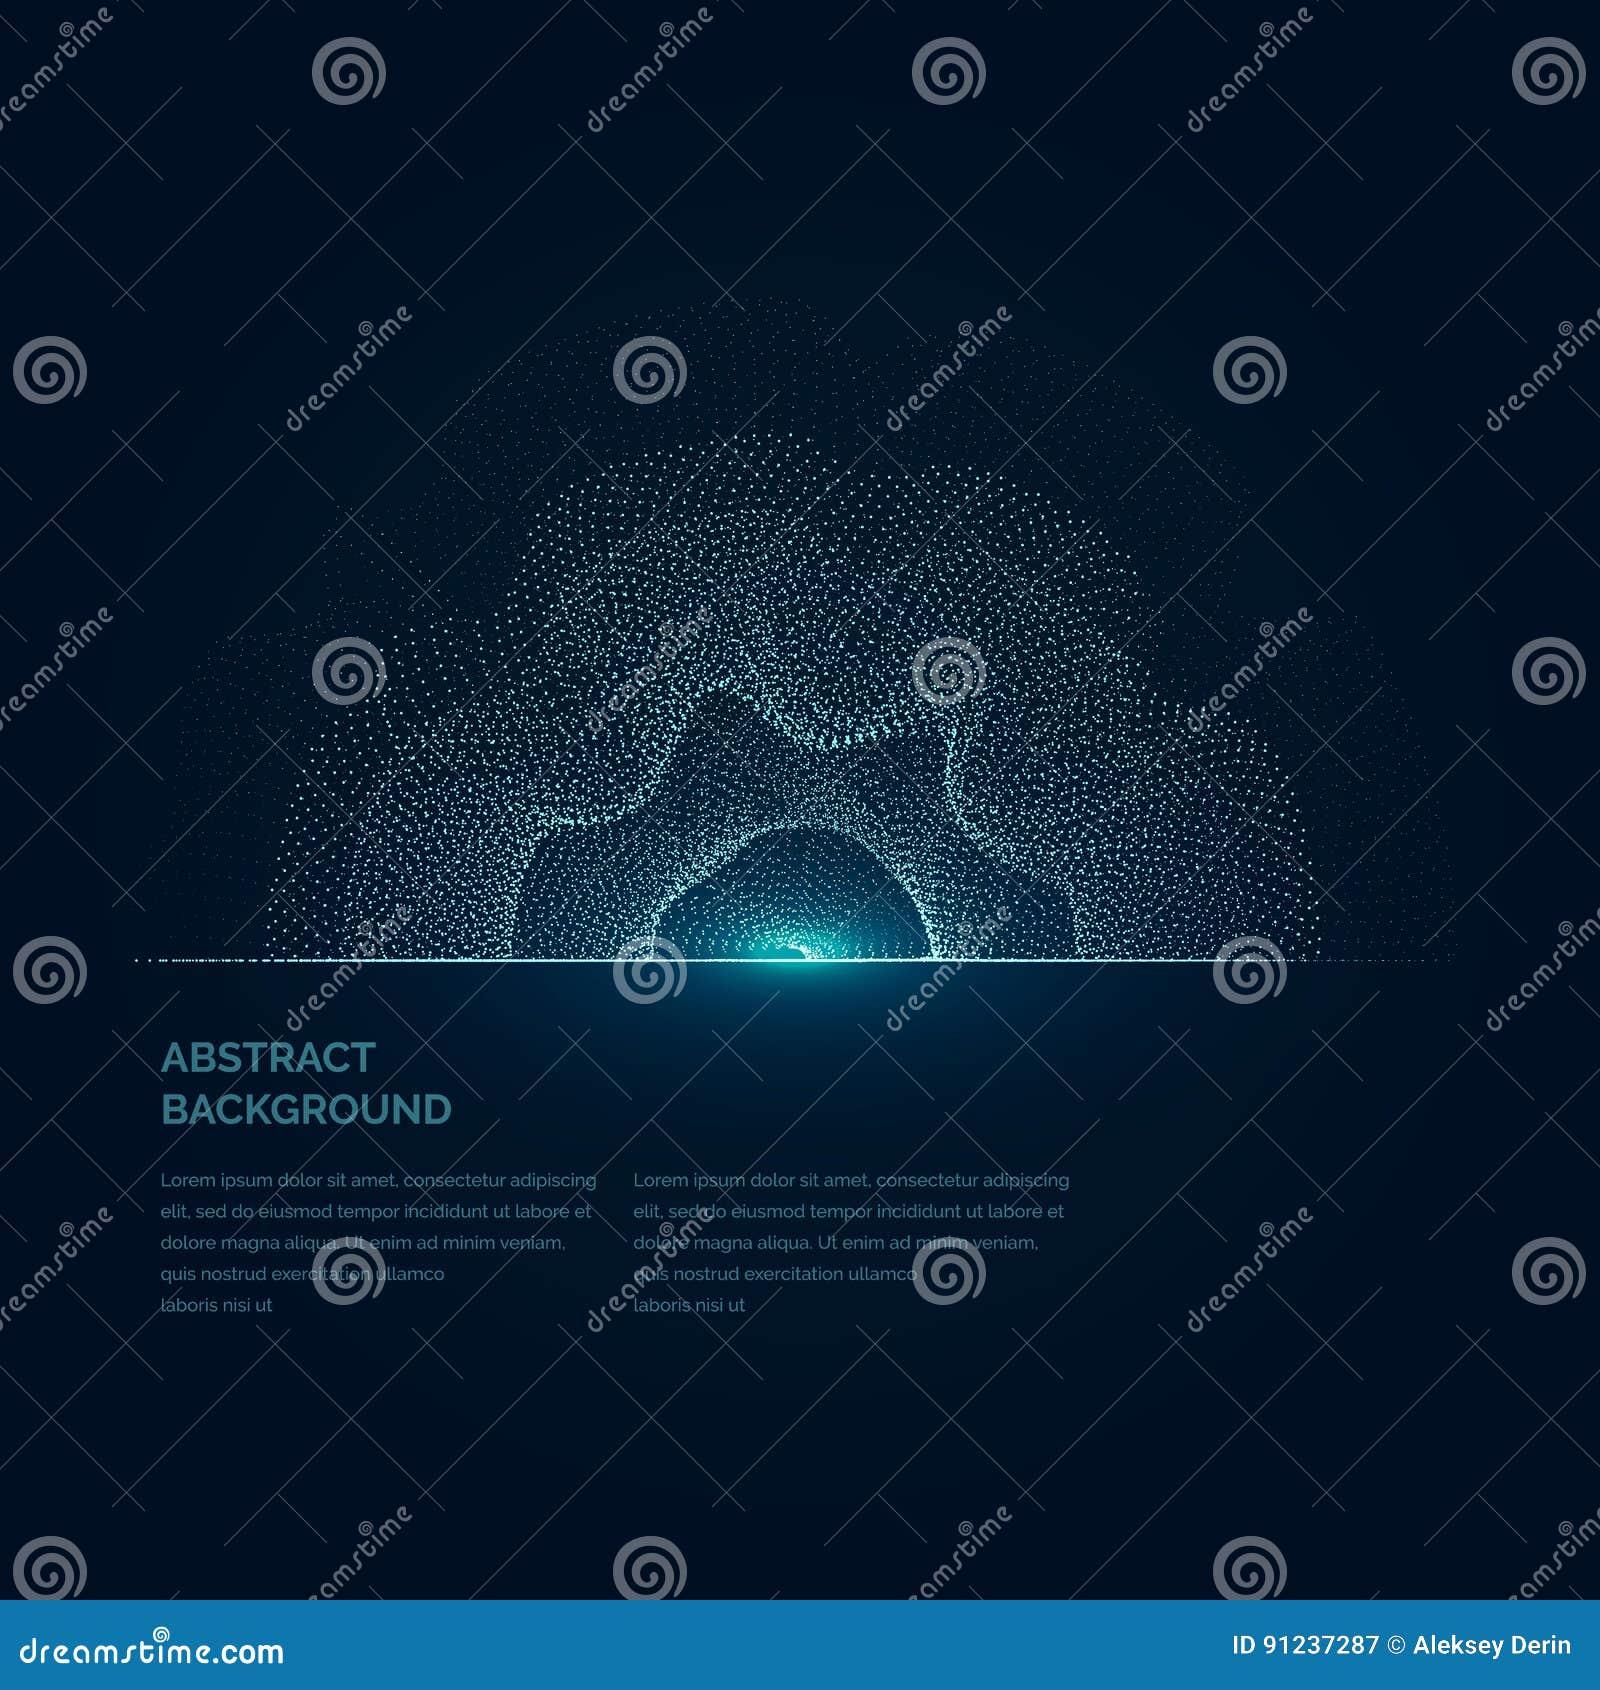 Σύγχρονη διανυσματική απεικόνιση με μια παραμορφωμένη μορφή κύκλων των μορίων